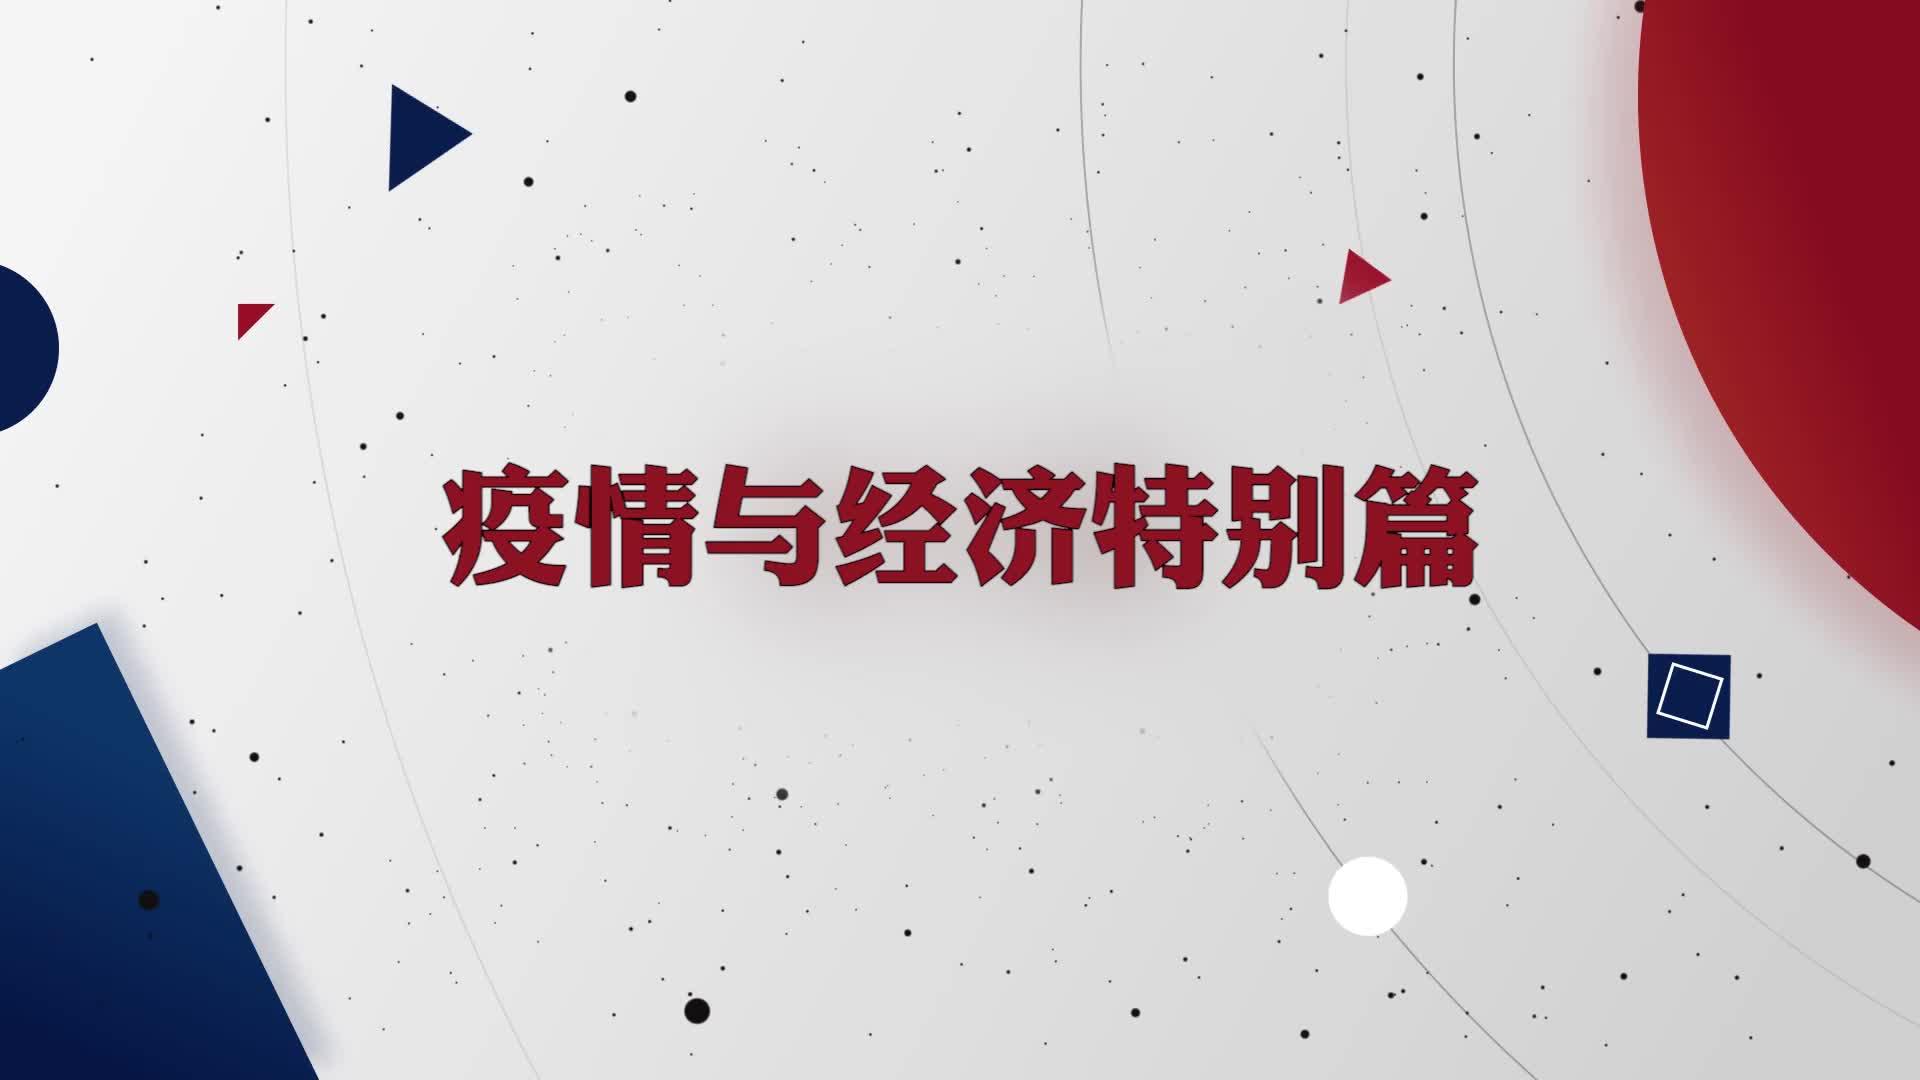 【科技袁人】全力防治疫情,但别忘了中国的经济也要抢救!